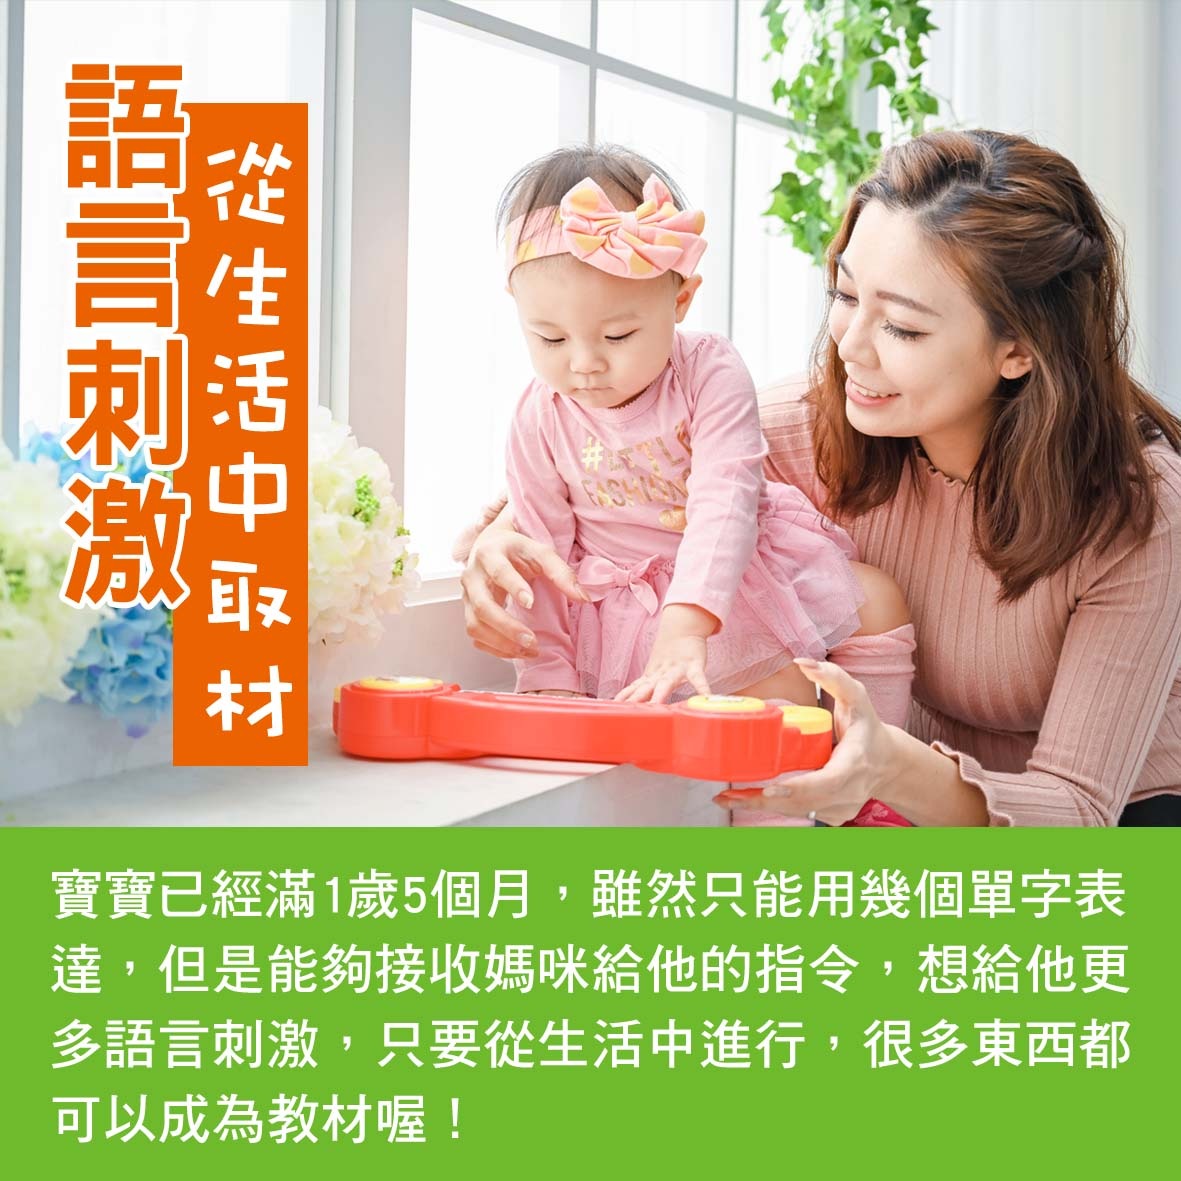 寶寶篇1歲第21~22週-言語刺激從生活中取材